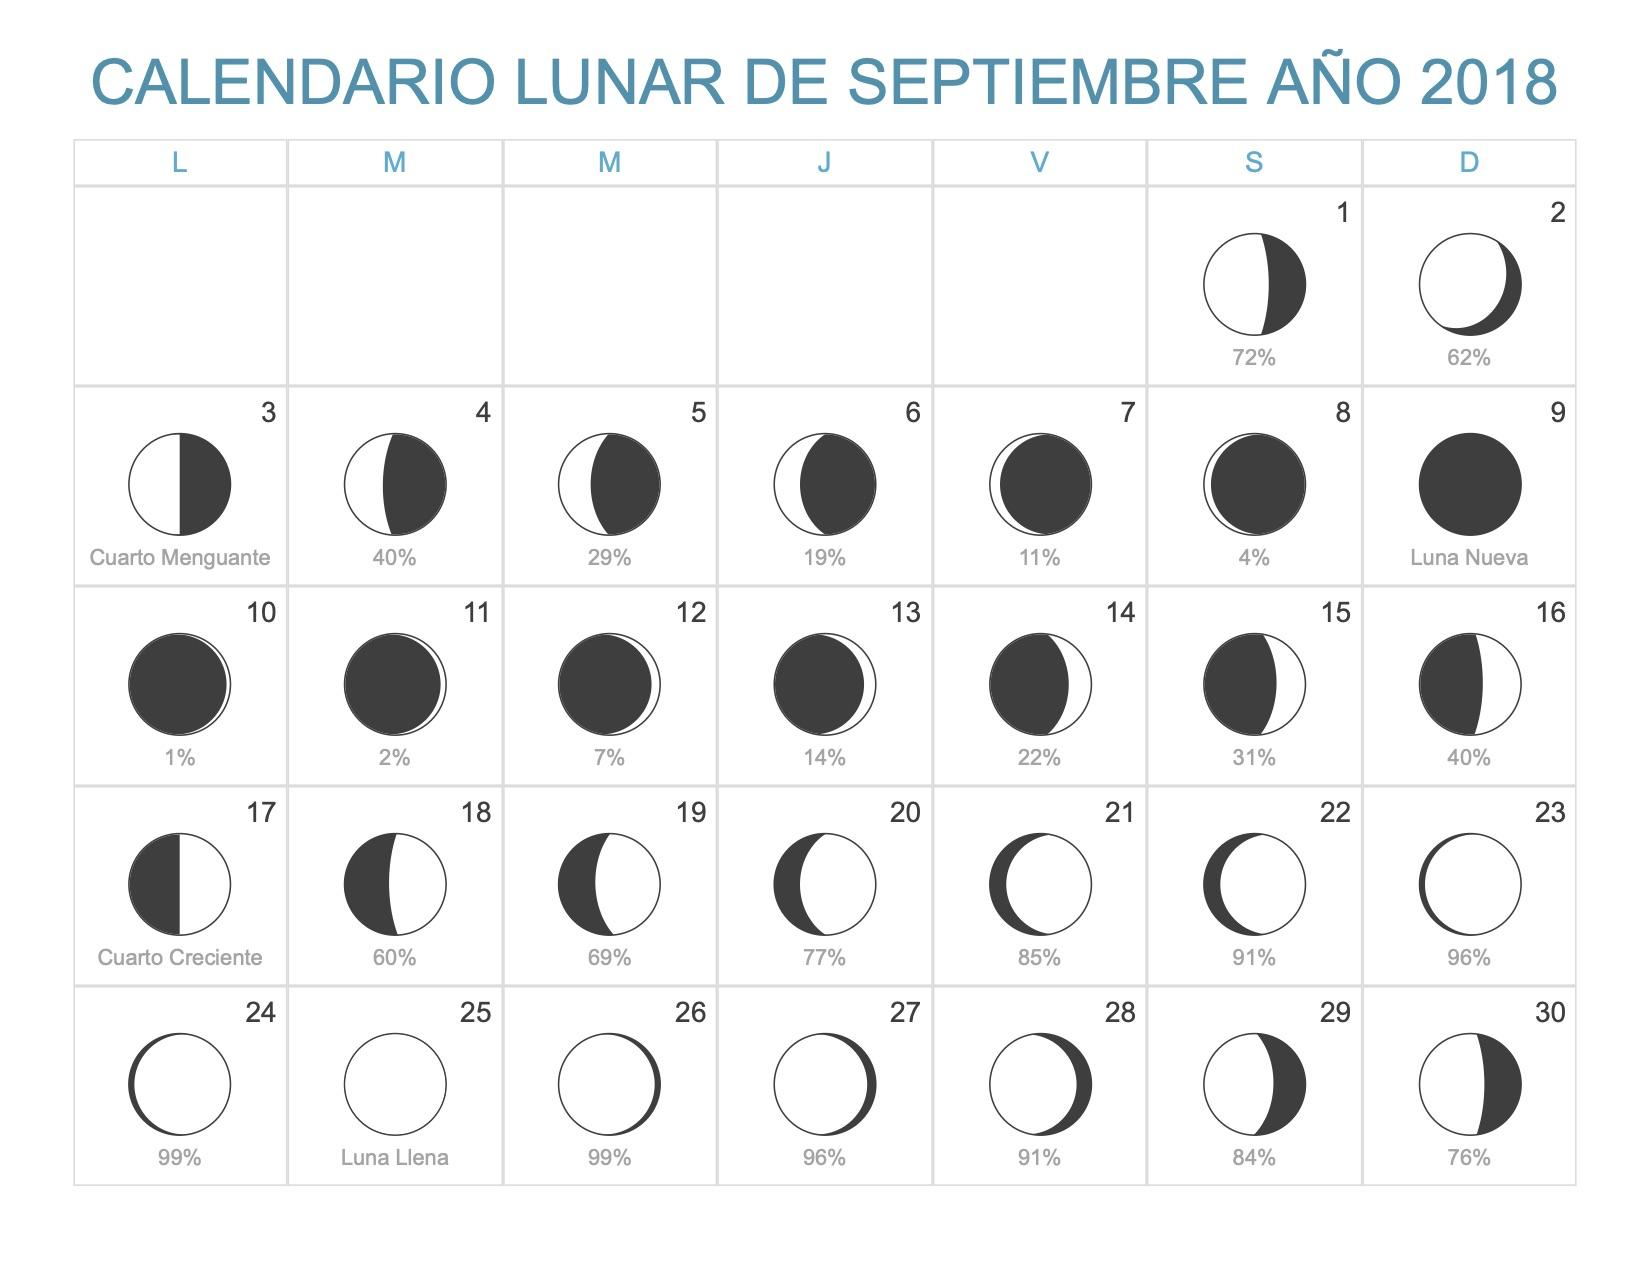 Calendario Lunar Septiembre 2018